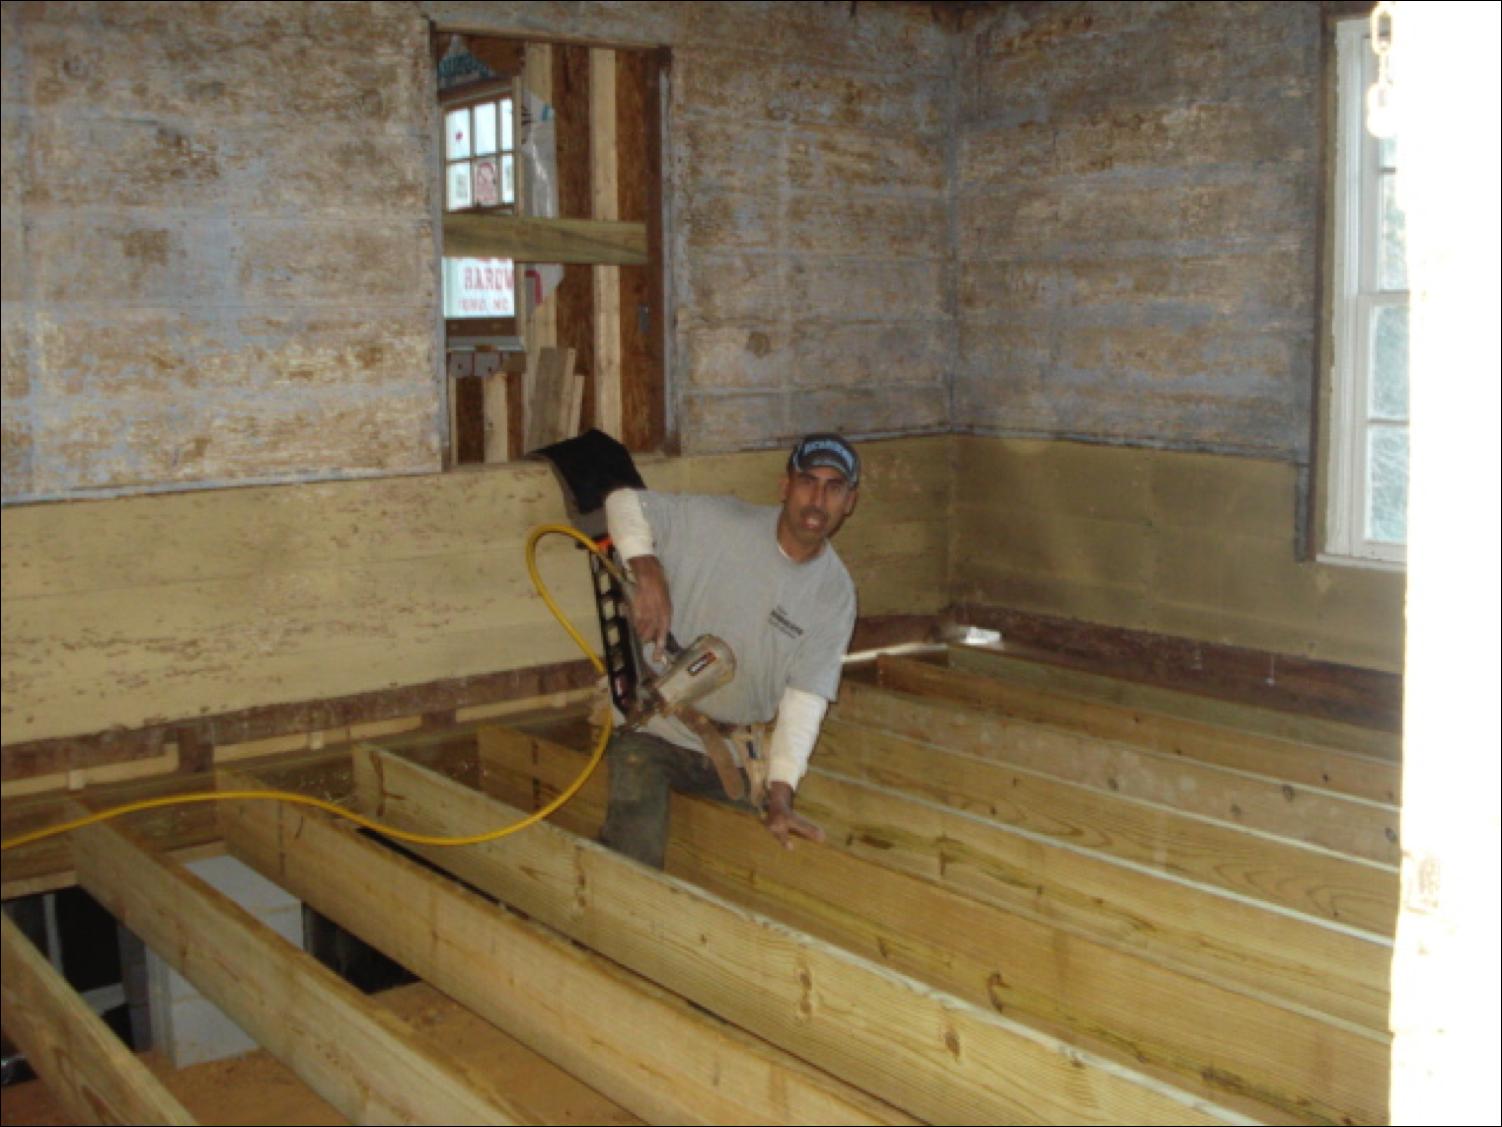 Shadetree Construction